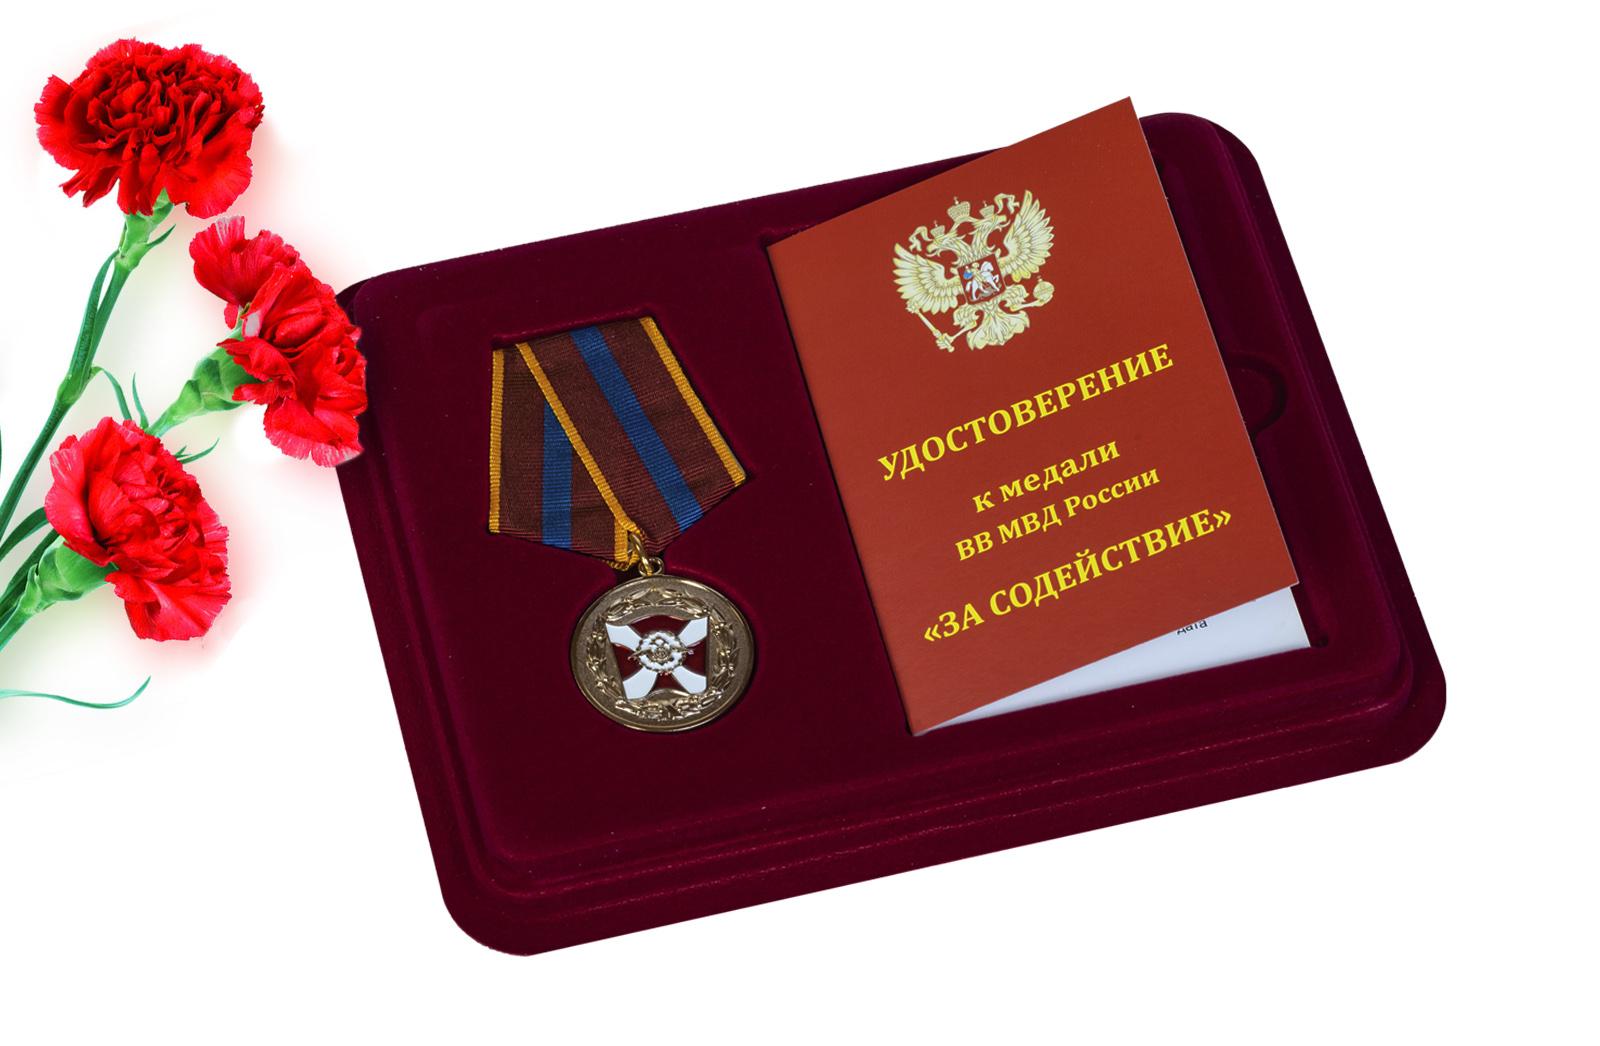 Купить медаль ВВ МВД РФ За содействие с доставкой по всей России